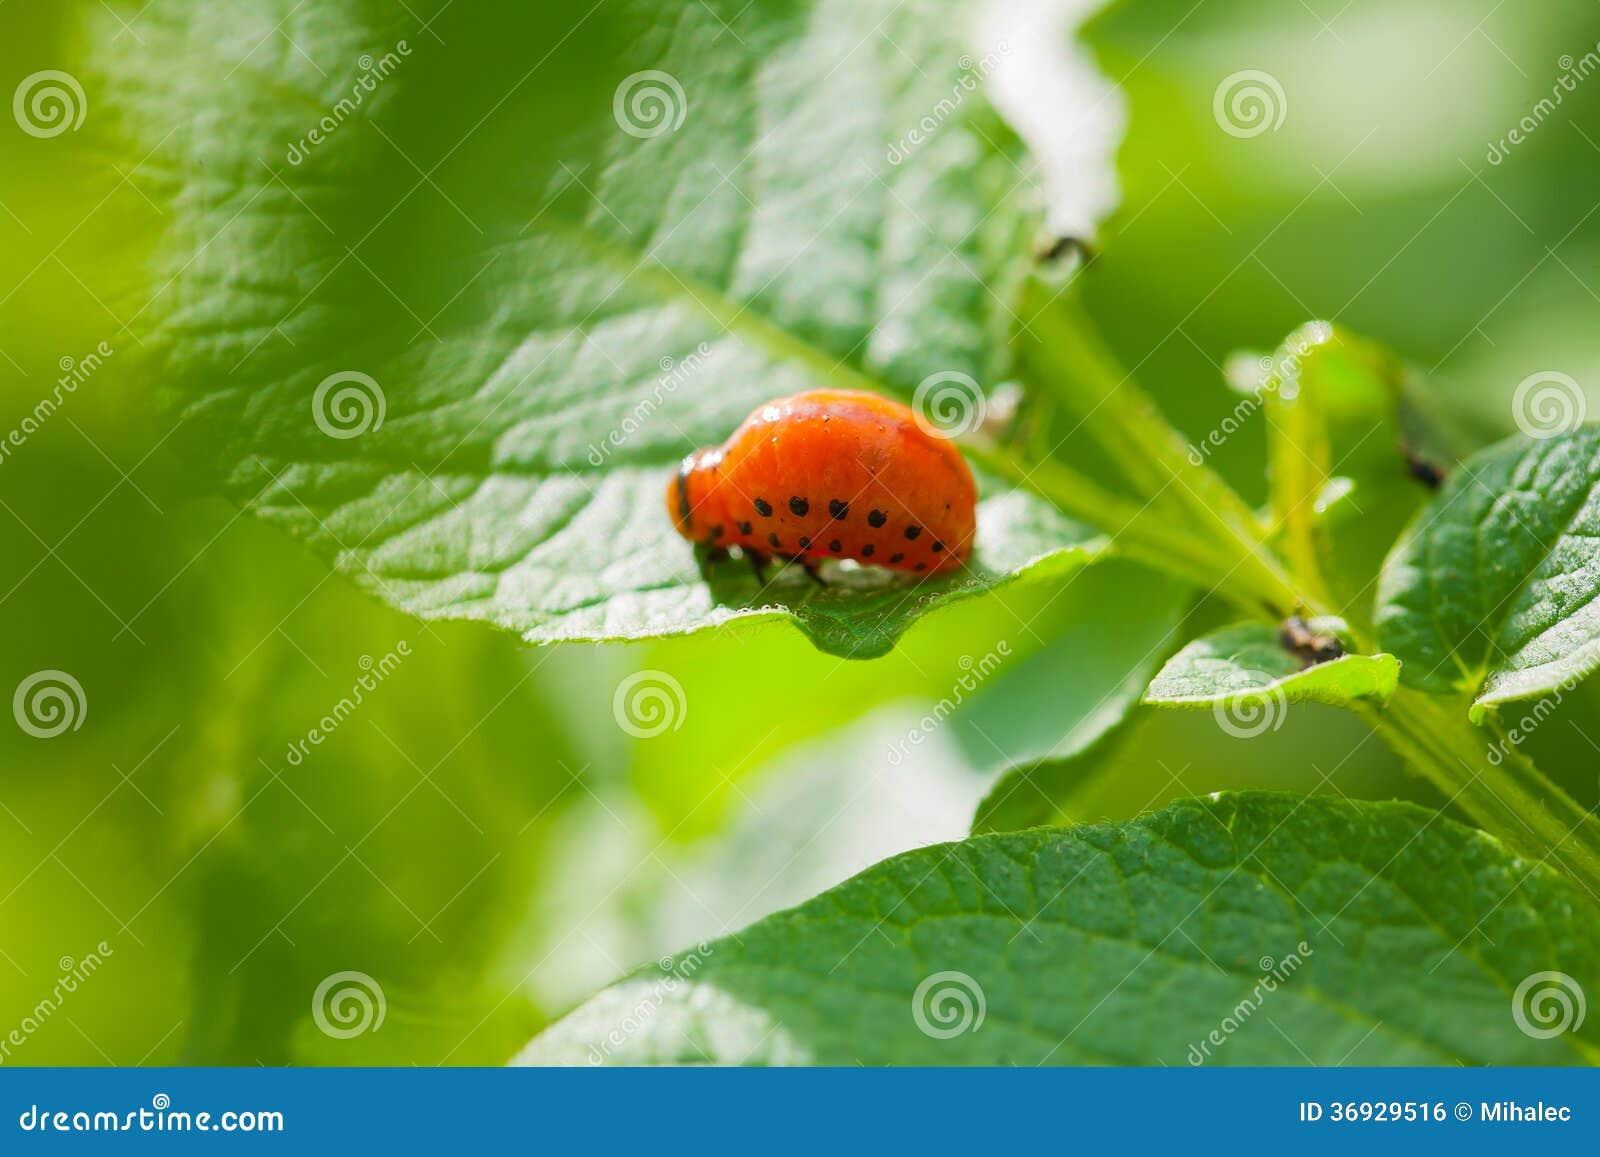 Larve de doryphore sur la feuille de la pomme de terre image libre de droits image 36929516 - Feuille pomme de terre ...